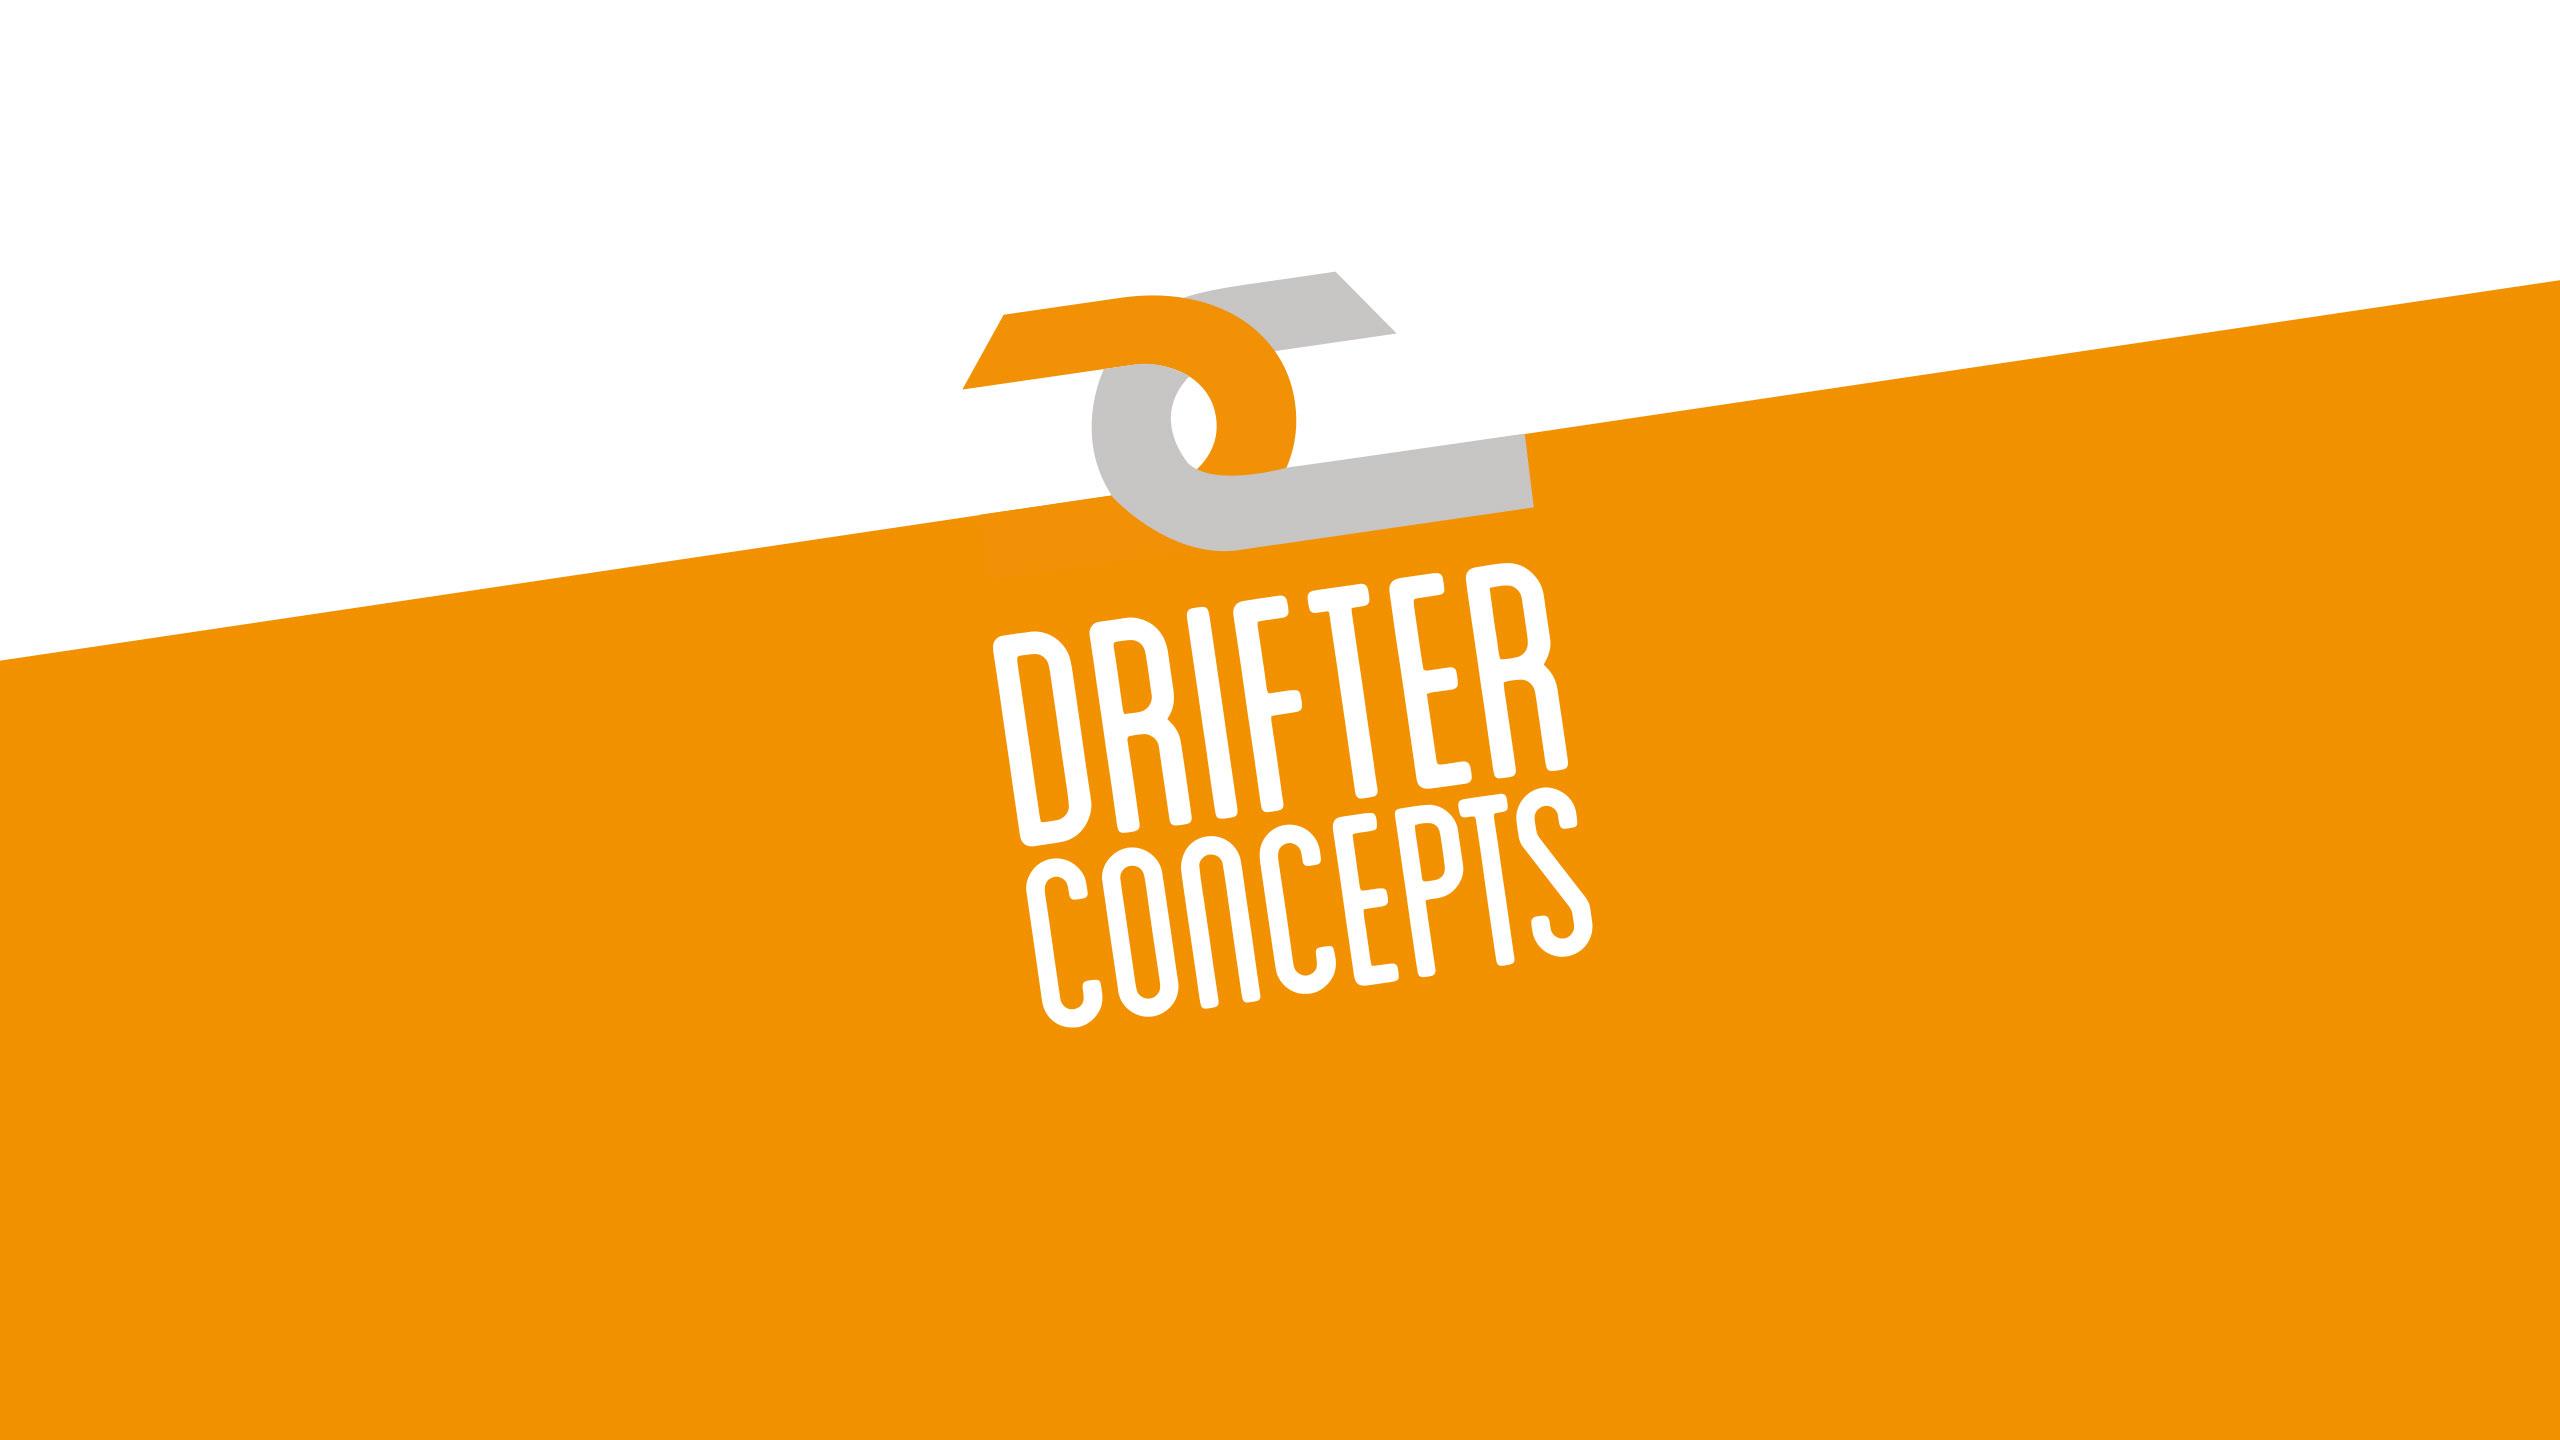 Logo drifter